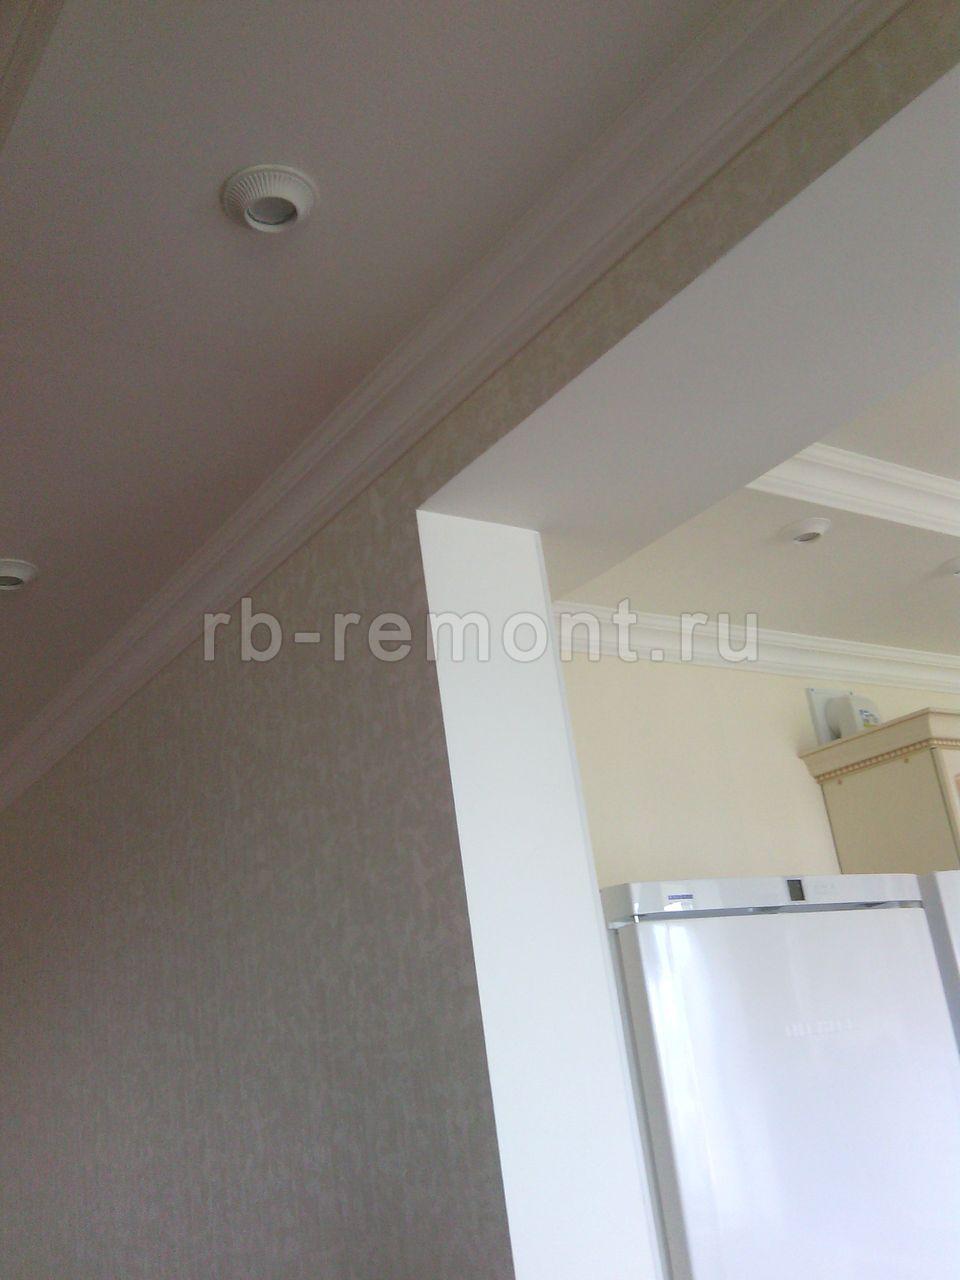 http://www.rb-remont.ru/raboty/photo_/komsomolskaya-125.1-00/img/img_20150709_120049.jpg (бол.)